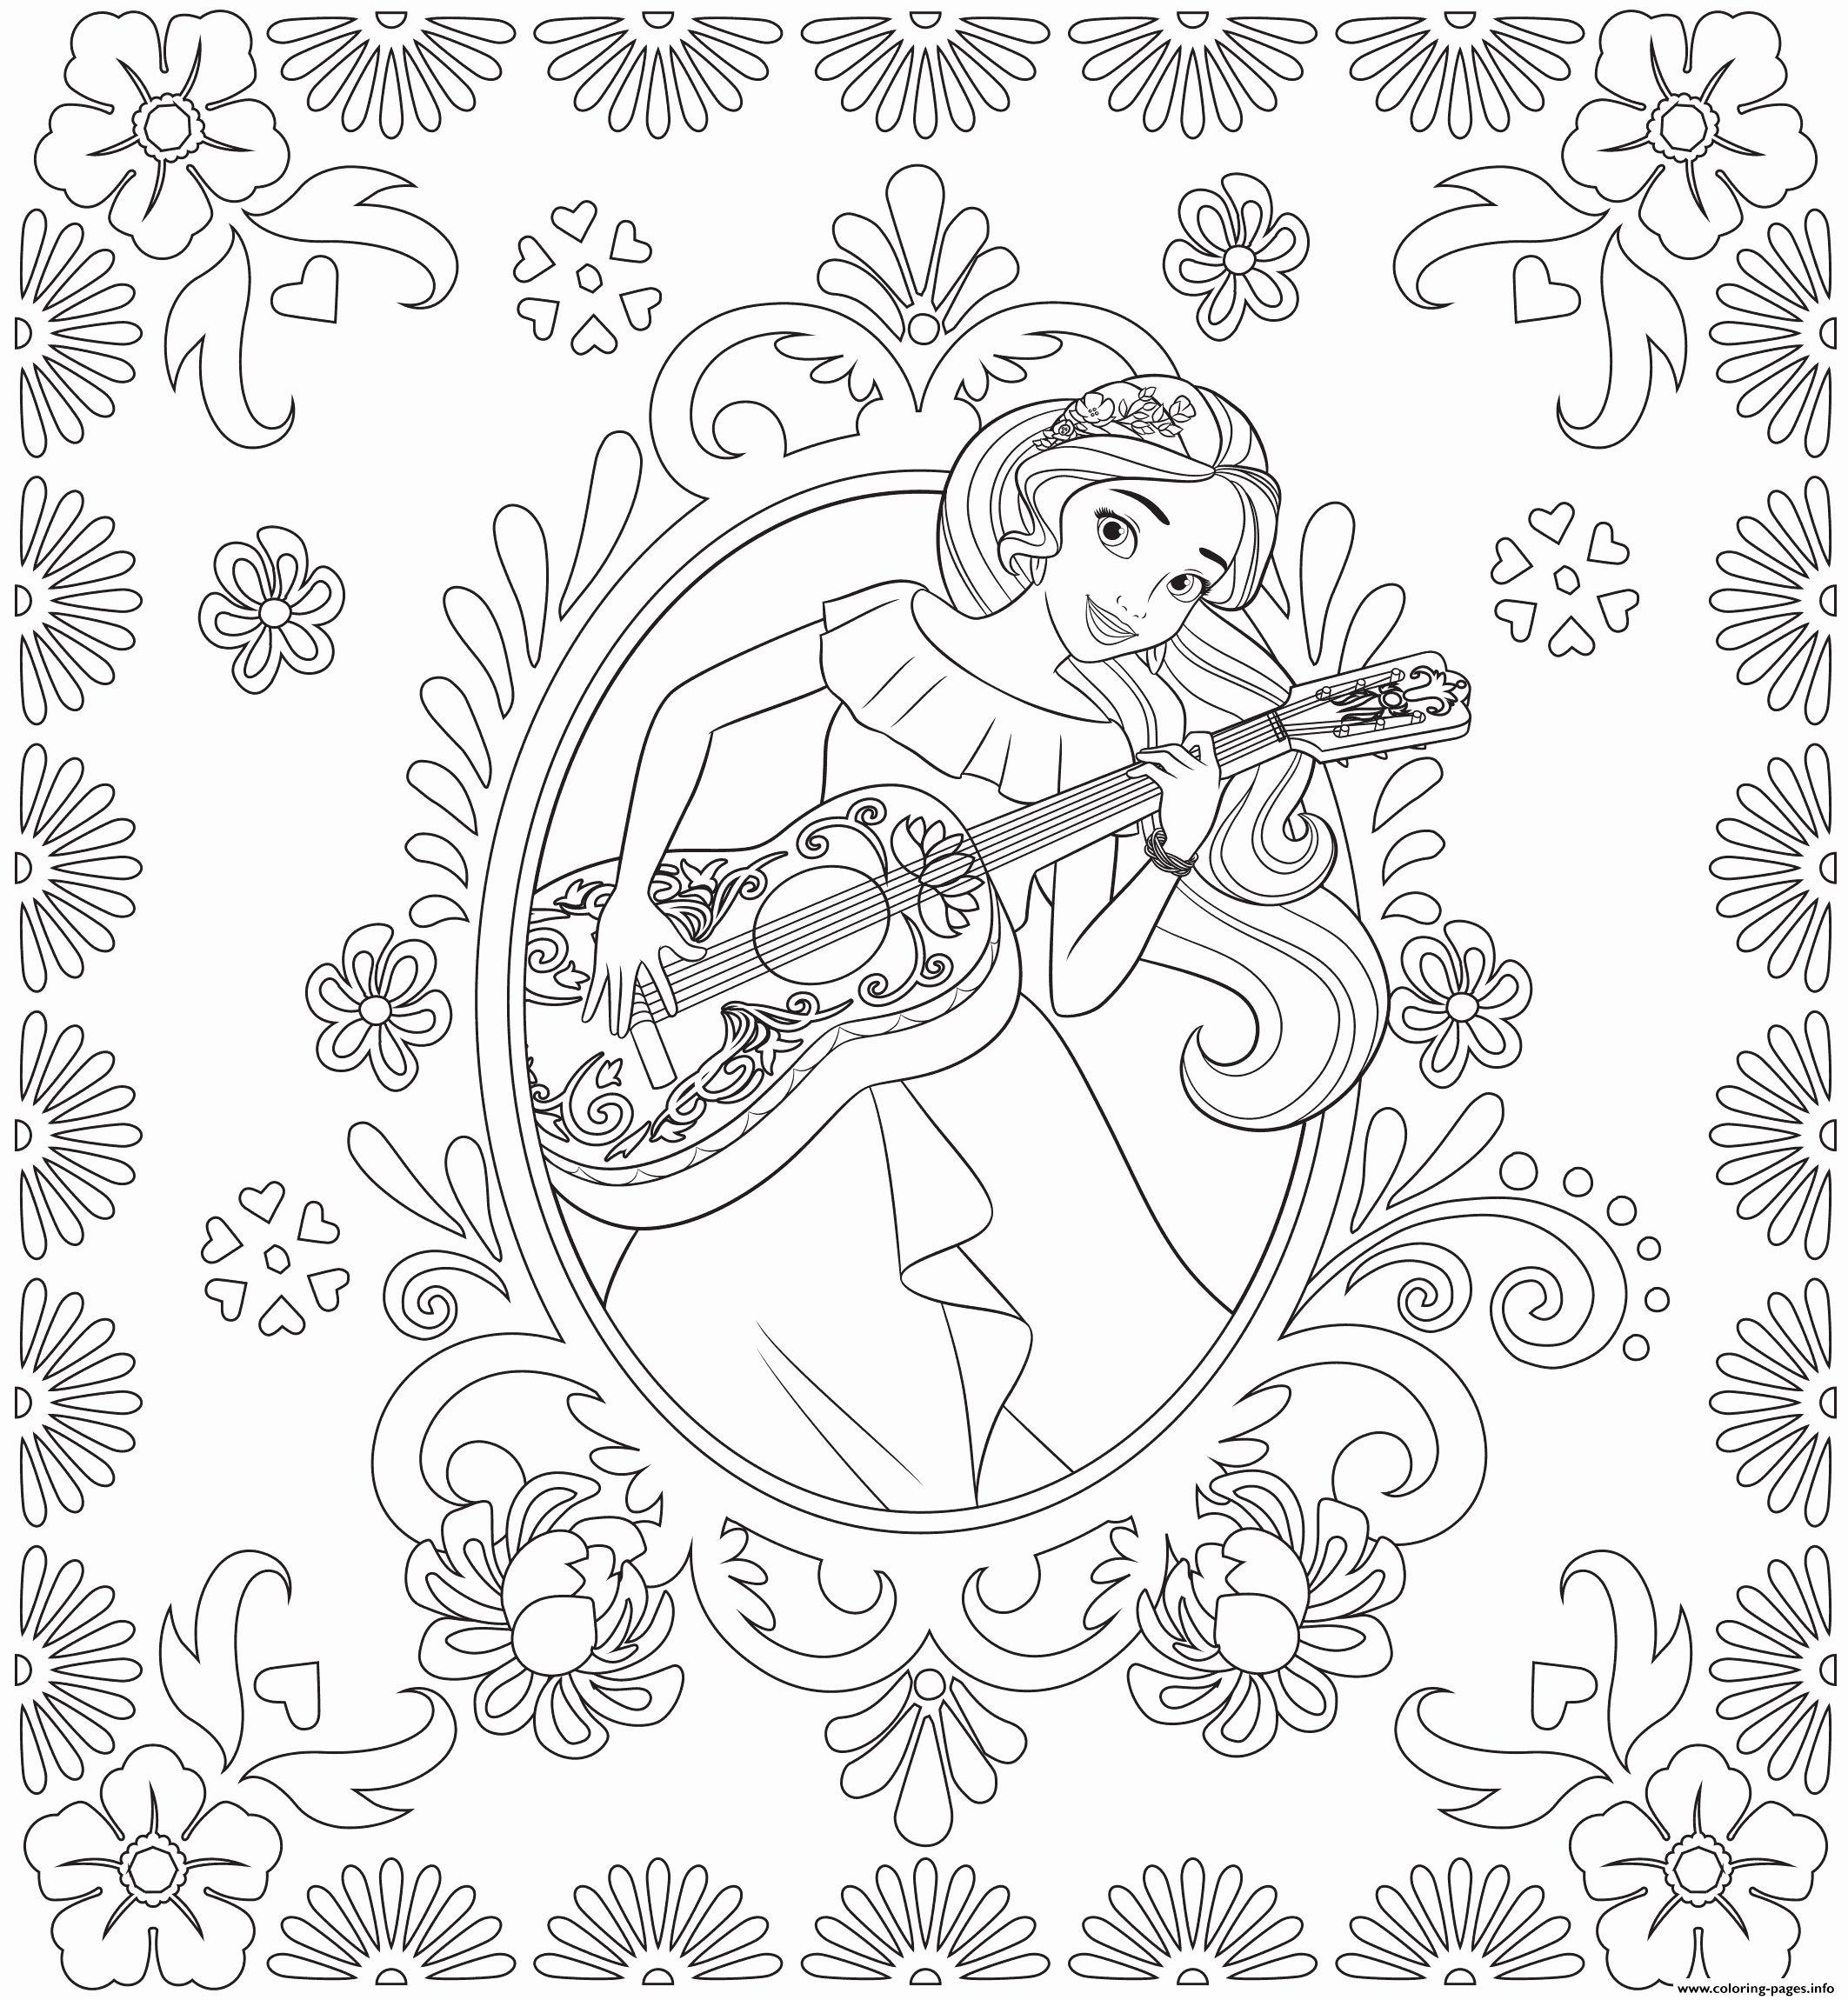 Princess Elena Coloring Page Luxury Princess Elena Avalor Disney Princess Coloring Pages Elena De Avalor Avalor Dibujos [ jpg ]